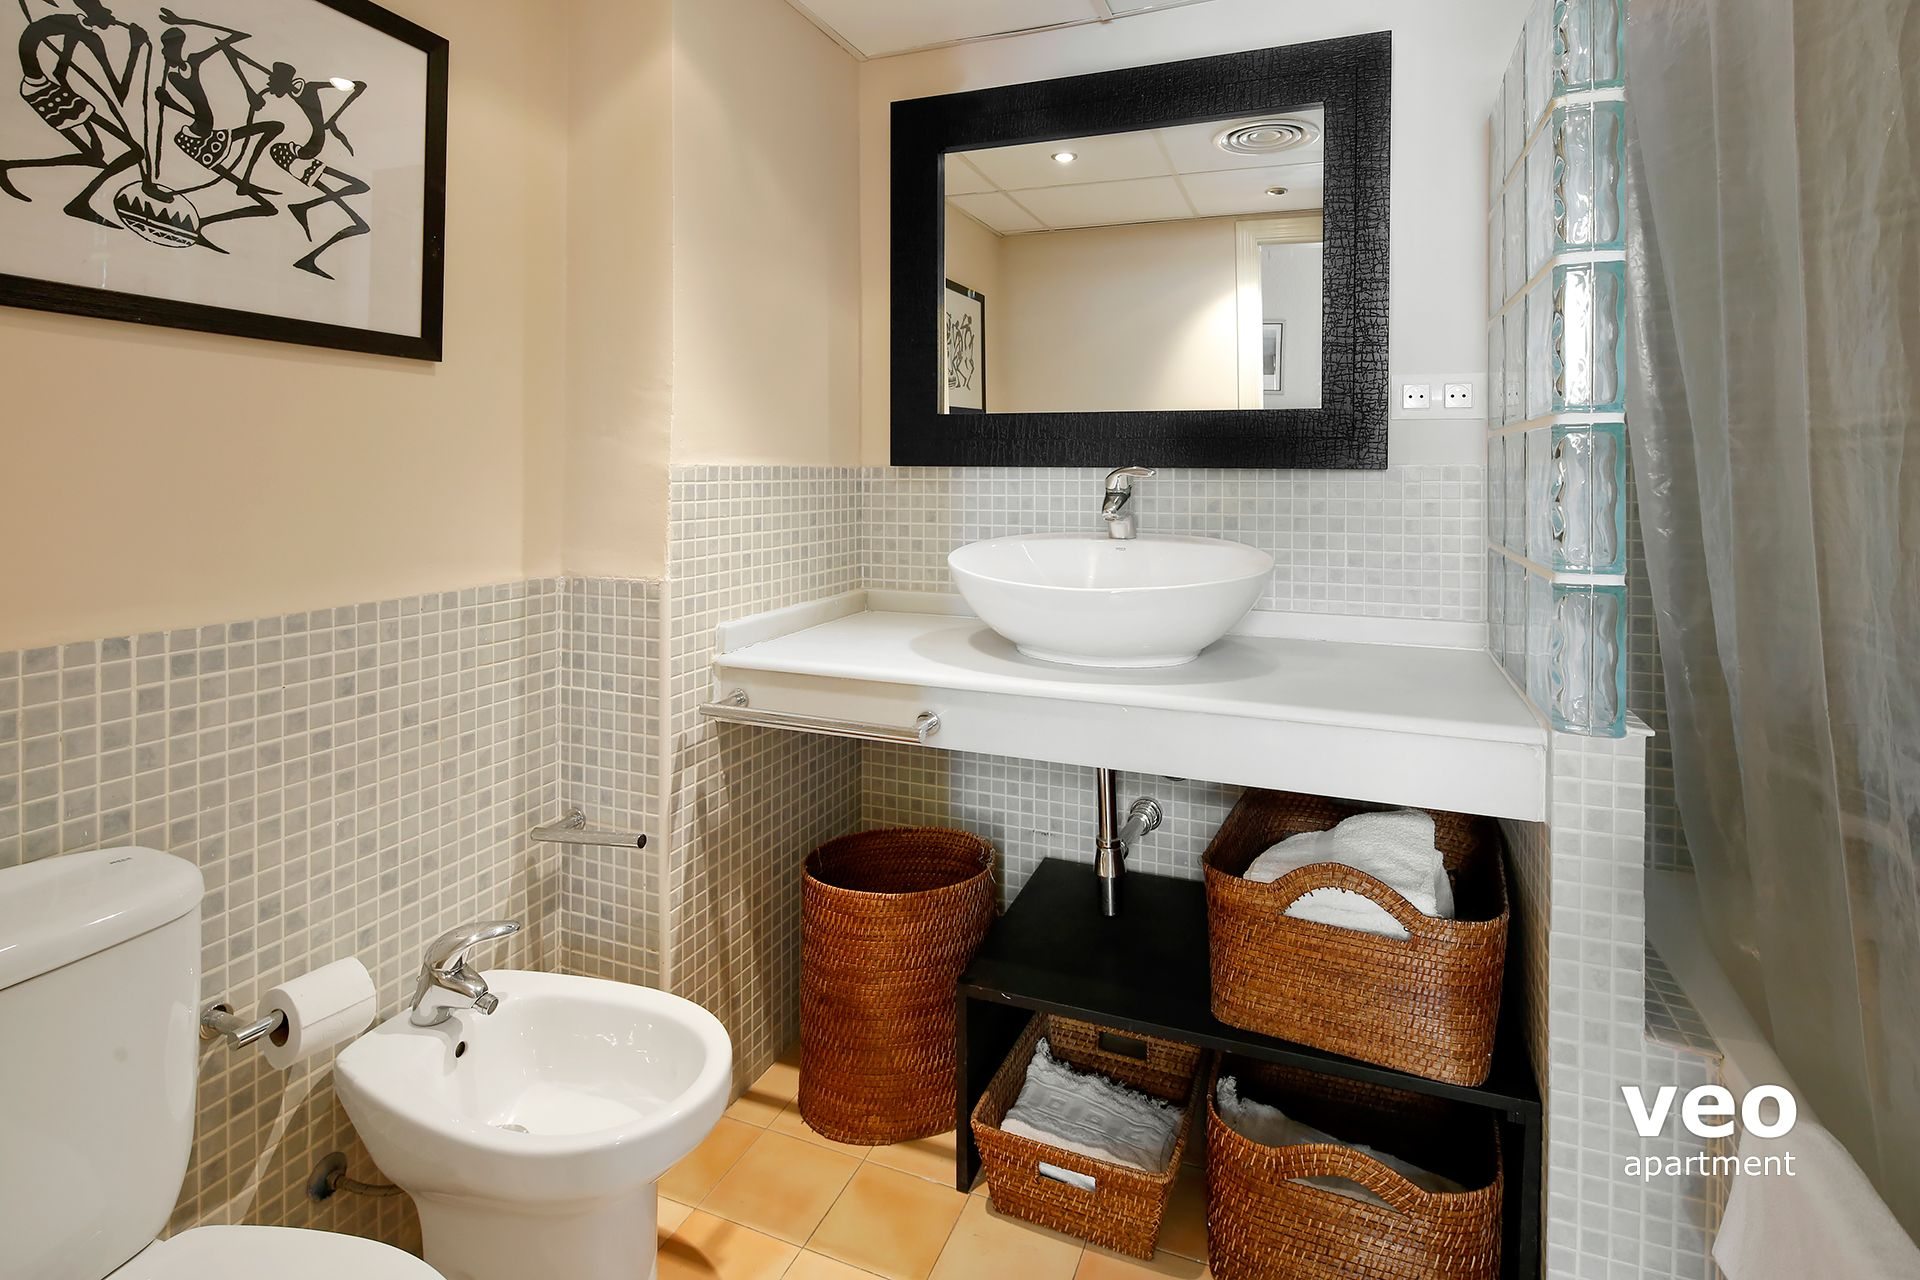 seville apartment feijoo street seville spain santa armchair design plans armchair design plans